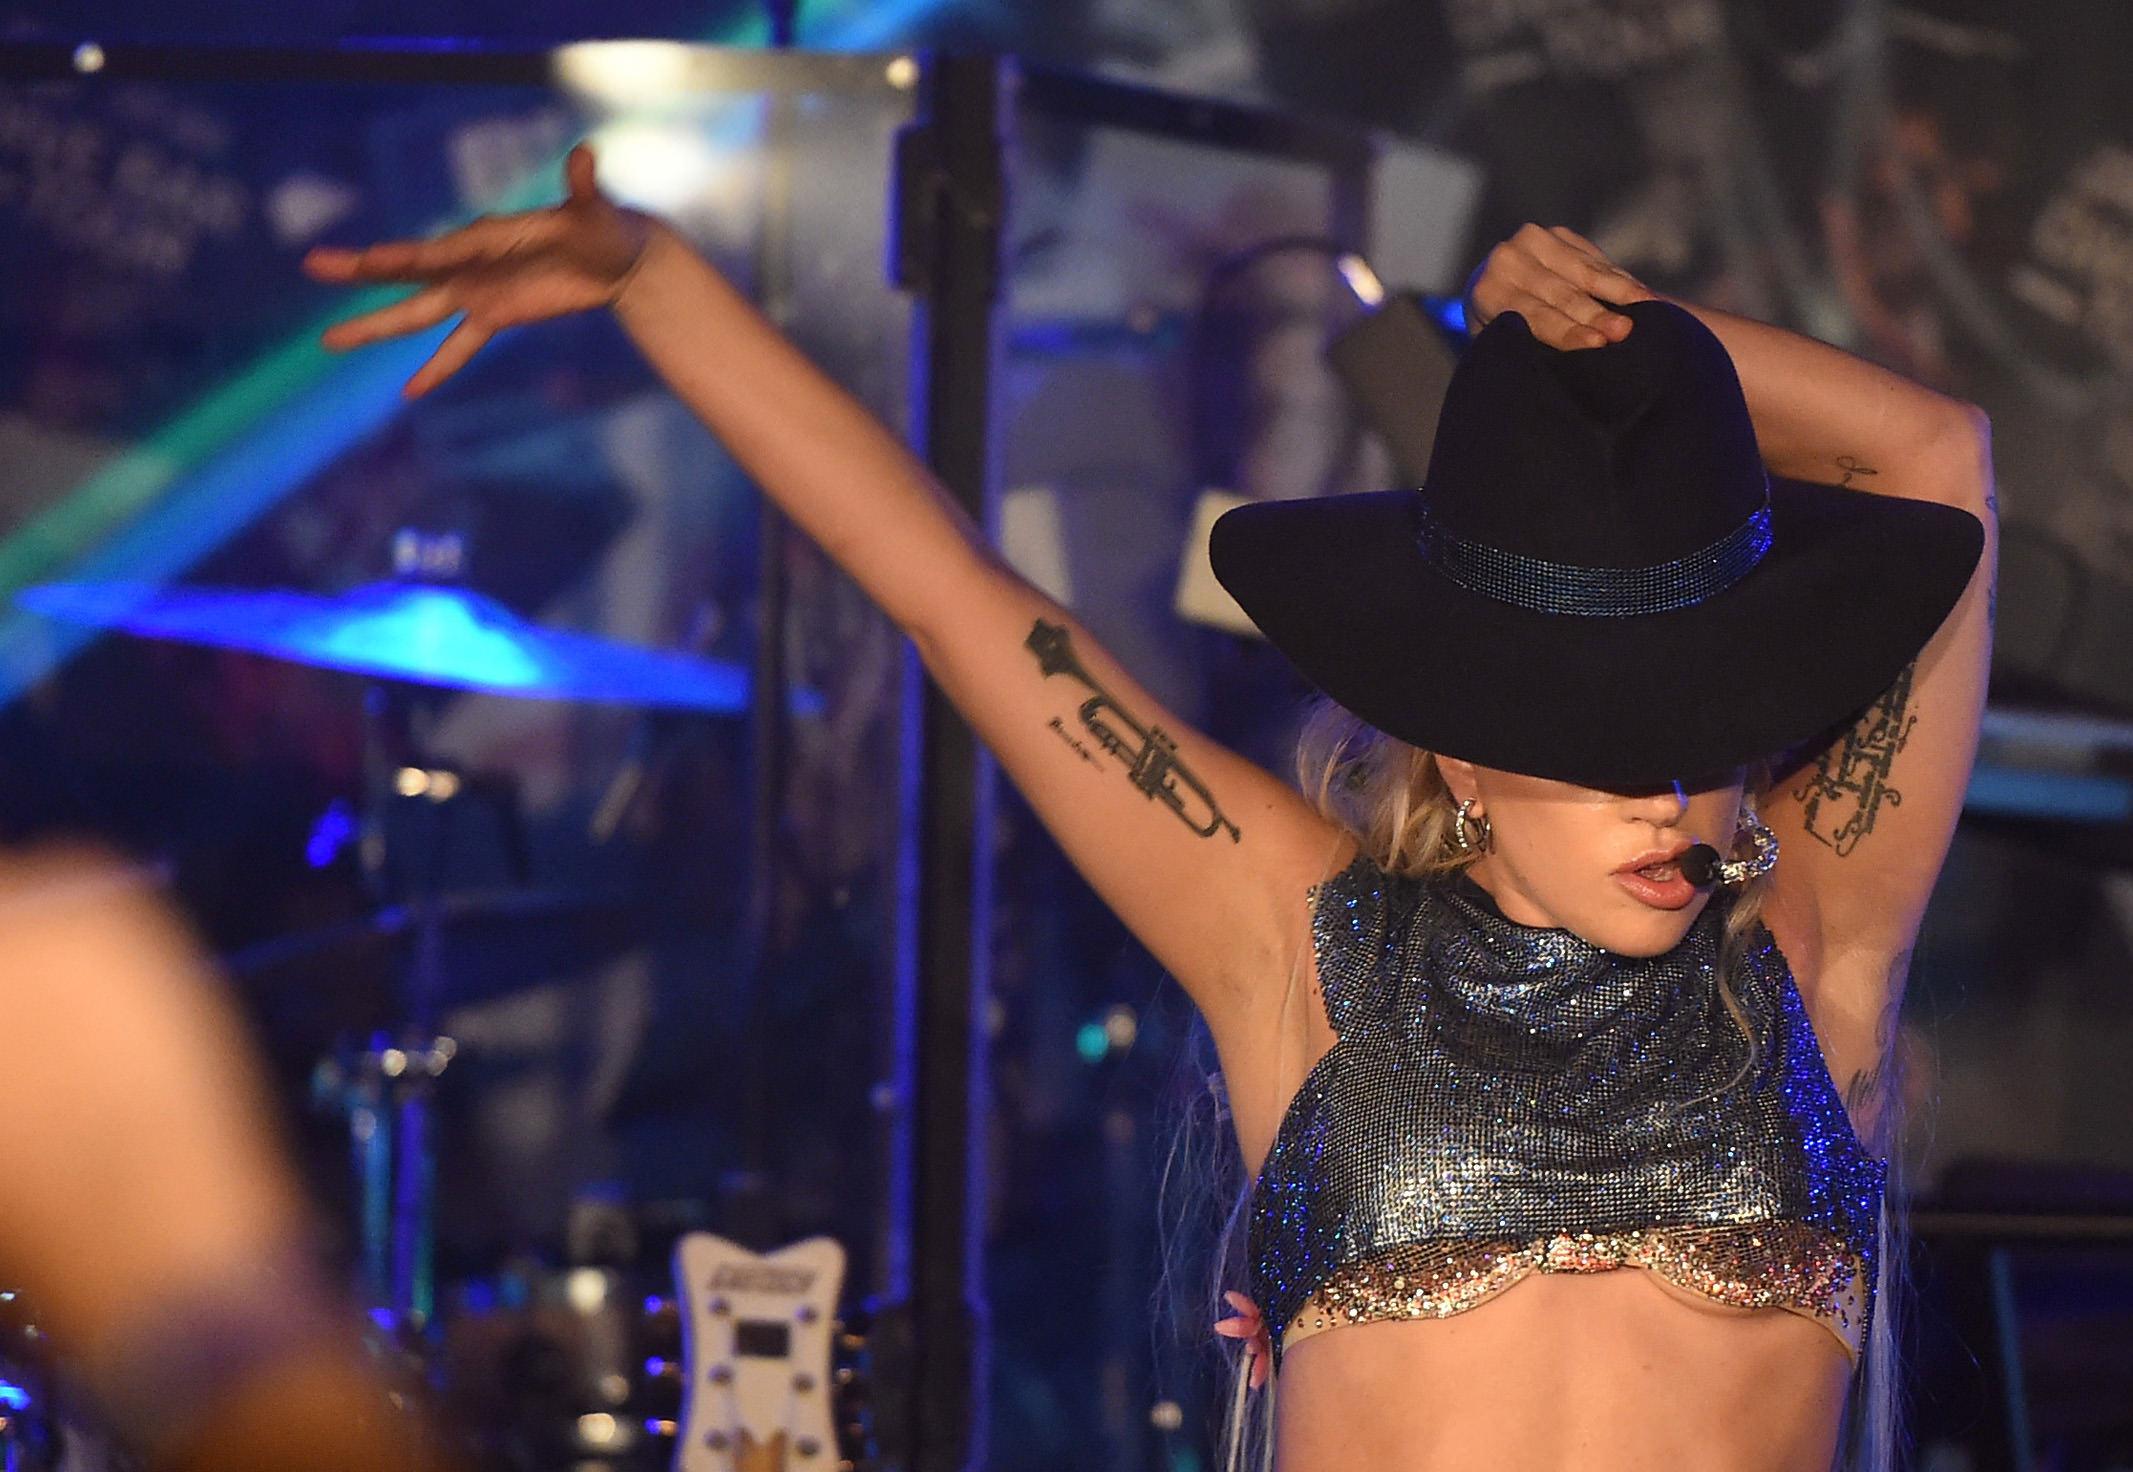 Lady Gaga Bra Dive Bar Tour LA.jpg